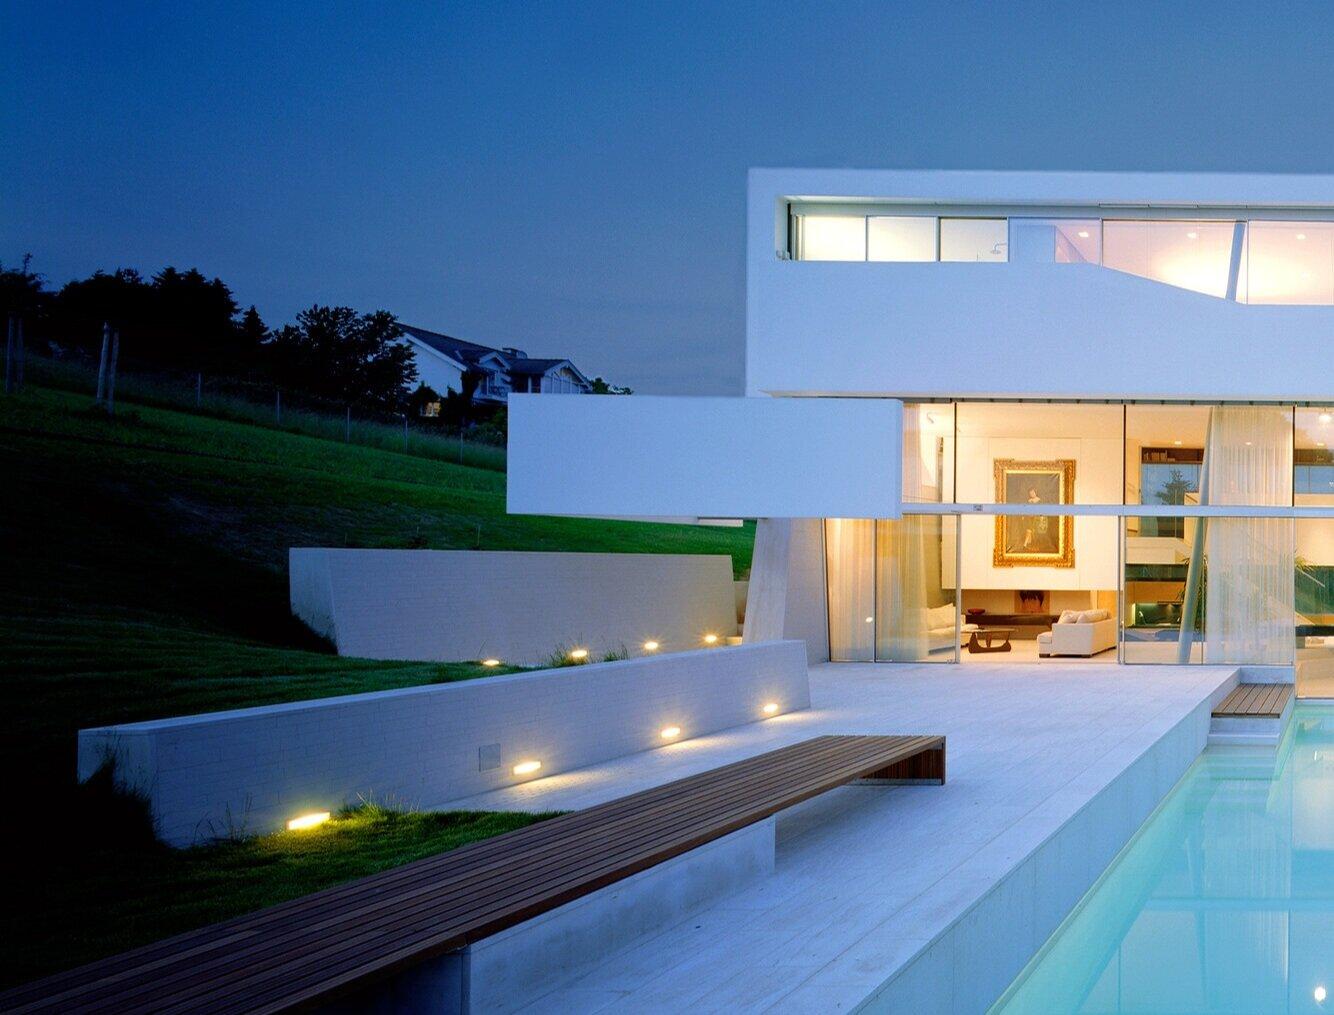 A dream in white as 'schmitzer-ish' extravagance? - Feature in print magazine Wohnen